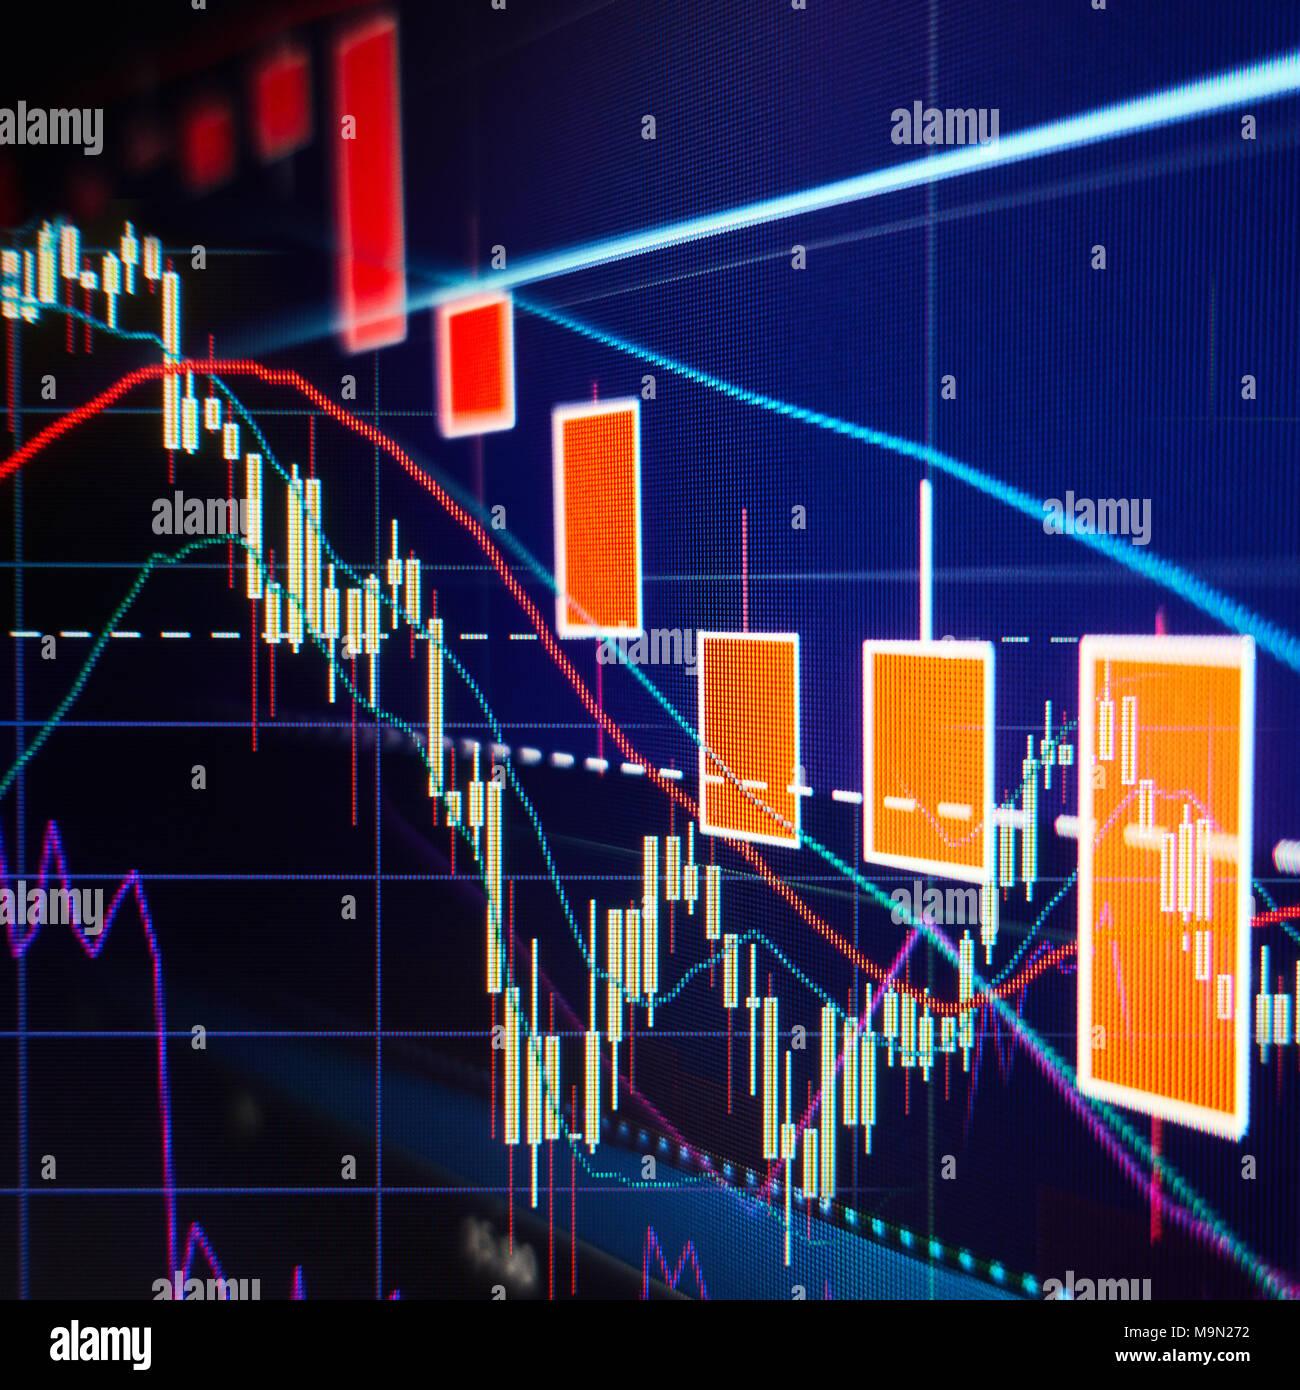 Stock Market selloff - Stock grafici e tabelle finanziarie e background aziendale Immagini Stock